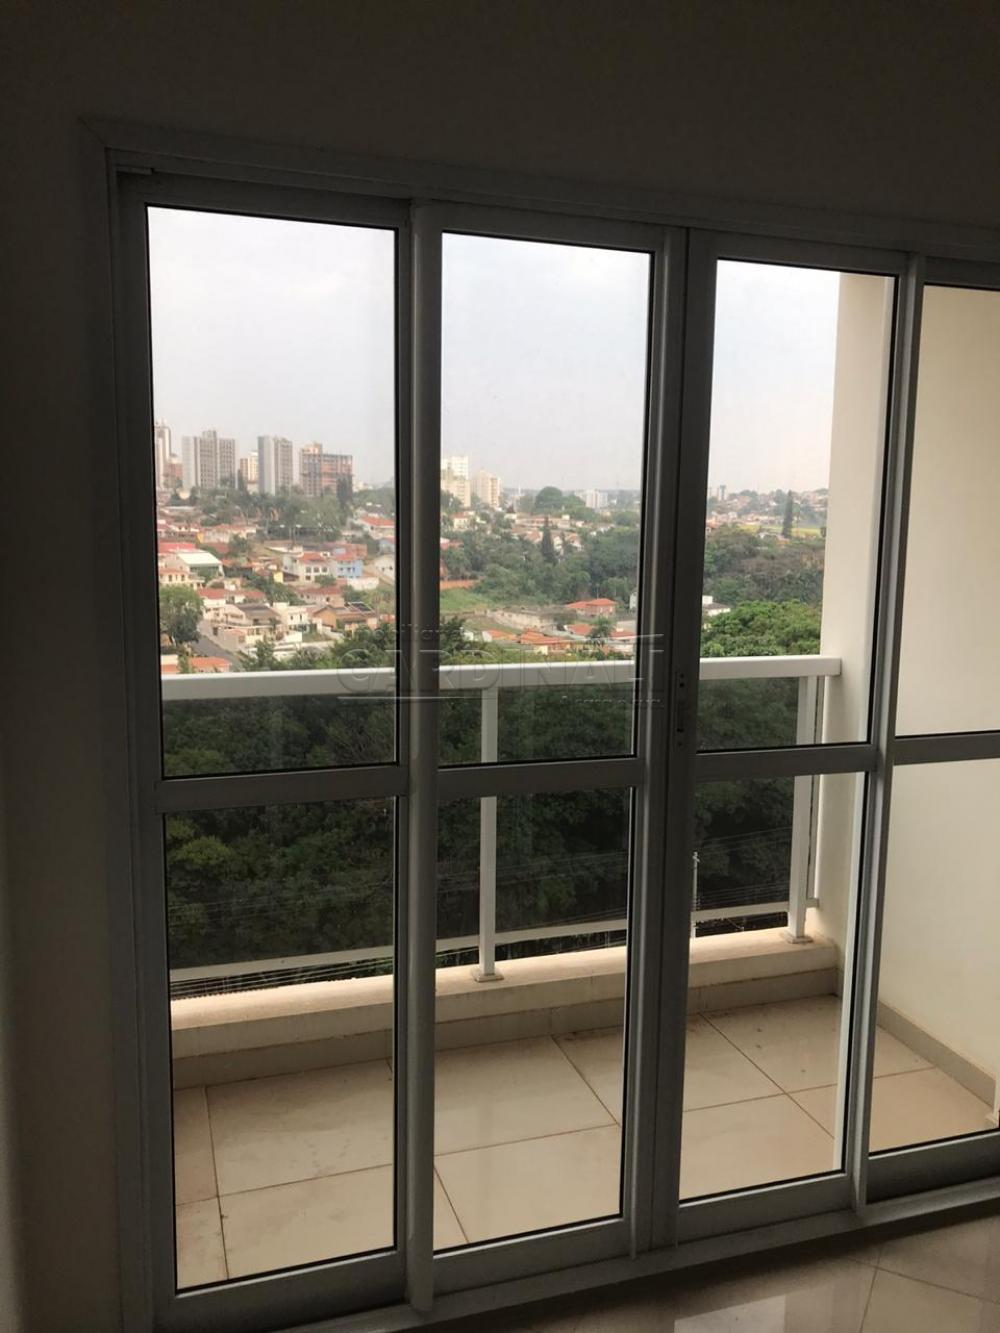 Comprar Apartamento / Padrão em São Carlos apenas R$ 320.000,00 - Foto 5